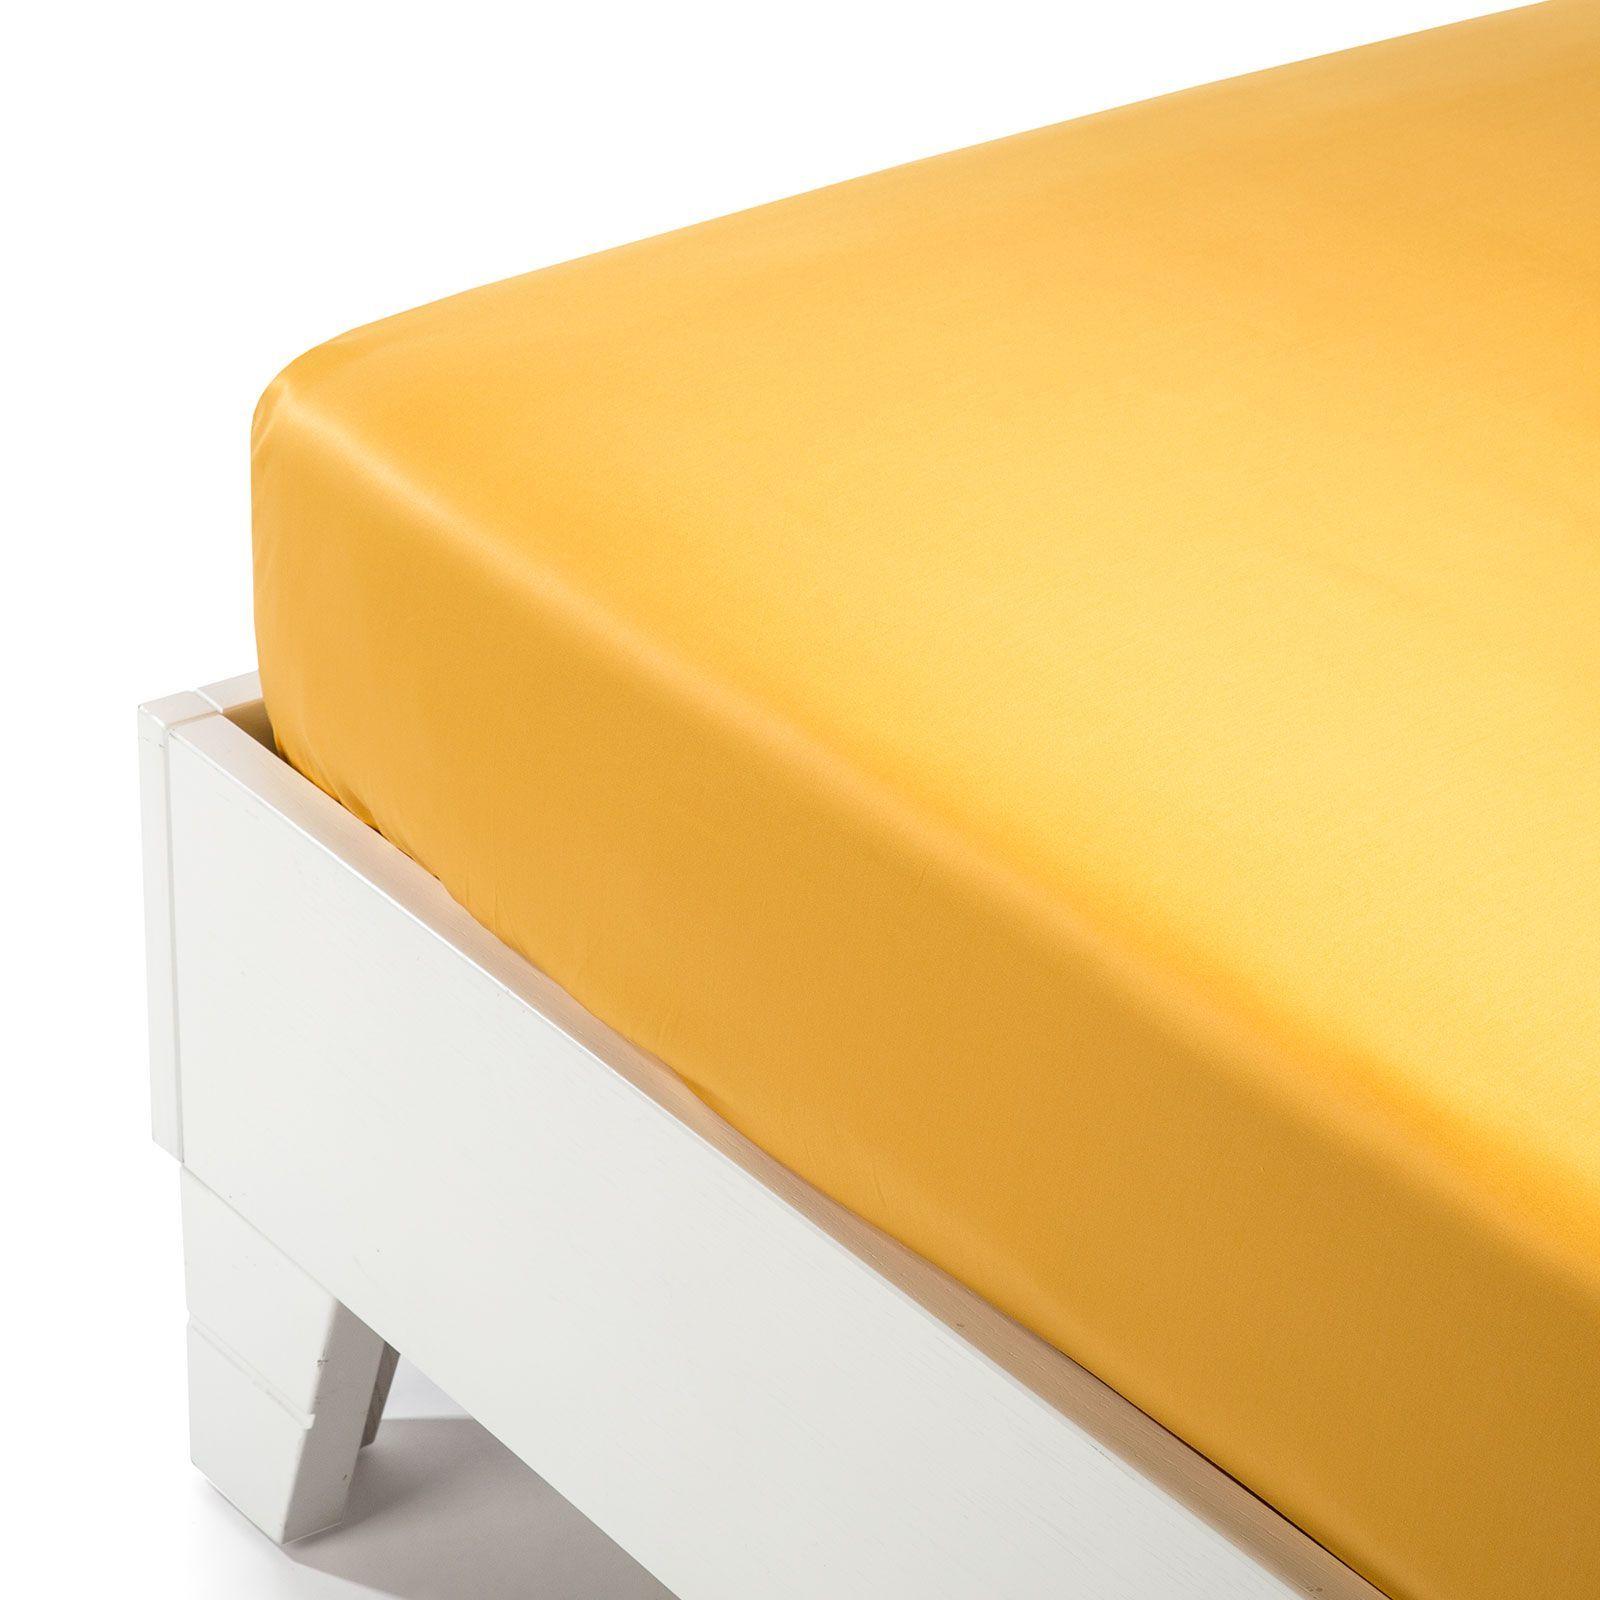 Простыни на резинке Простыня на резинке 160x200 Сaleffi Raso Tinta Unito с бордюром сатин золотая prostynya-na-rezinke-160x200-saleffi-raso-tinta-unito-s-bordyurom-satin-oro-italiya.jpg